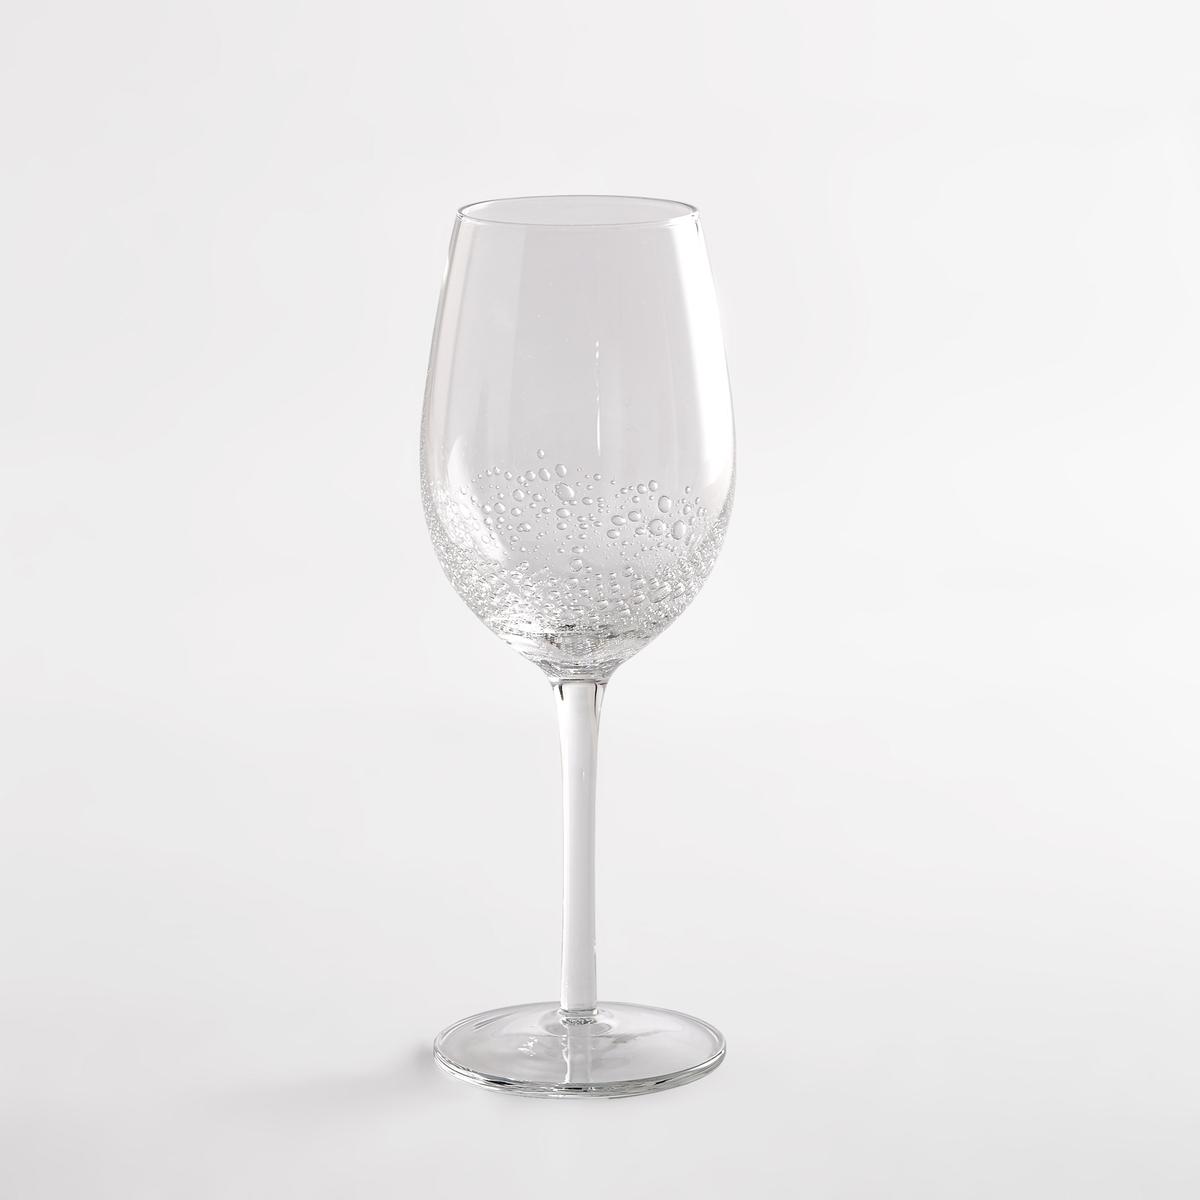 Комплект из 4 бокалов под вино с пузырьками на дне, GALIO ремень с карманом под телефон на руку oem iphone 6 4 7 pounch yfpj 54047b